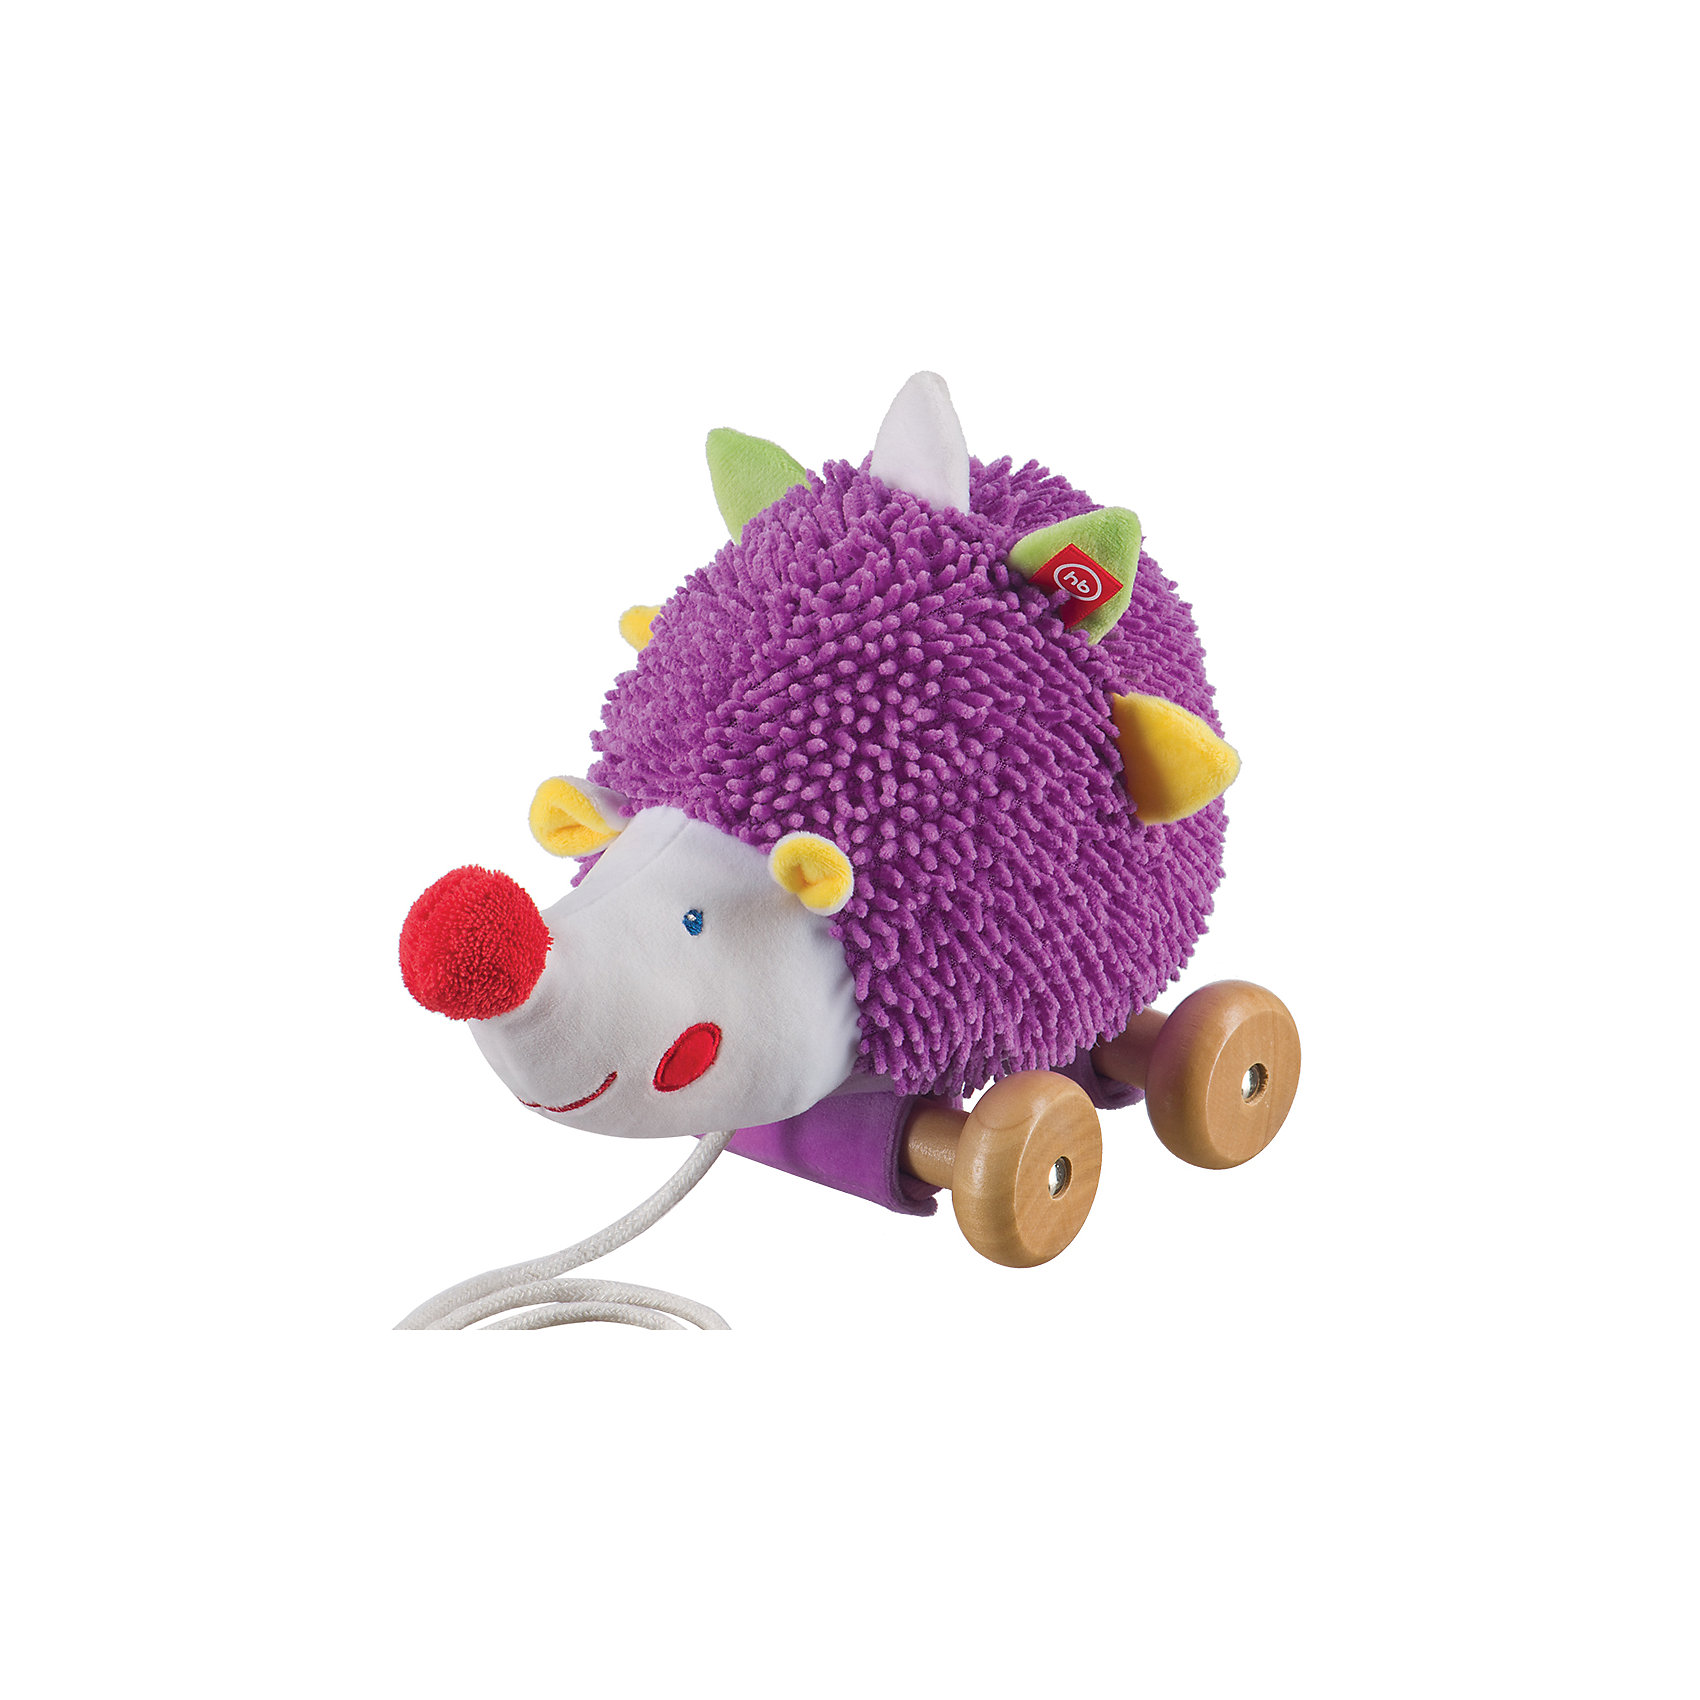 Игрушка-каталка speedy Hedgehog, Happy BabyИгрушки-каталки<br>Игрушка-каталка SPEEDY HEDGEHOG станет компаньоном для Вашего ребенка с самого раннего возраста – и дружить с ним он будет долгое время.<br><br>Ширина мм: 190<br>Глубина мм: 244<br>Высота мм: 165<br>Вес г: 437<br>Возраст от месяцев: 12<br>Возраст до месяцев: 24<br>Пол: Унисекс<br>Возраст: Детский<br>SKU: 5621704